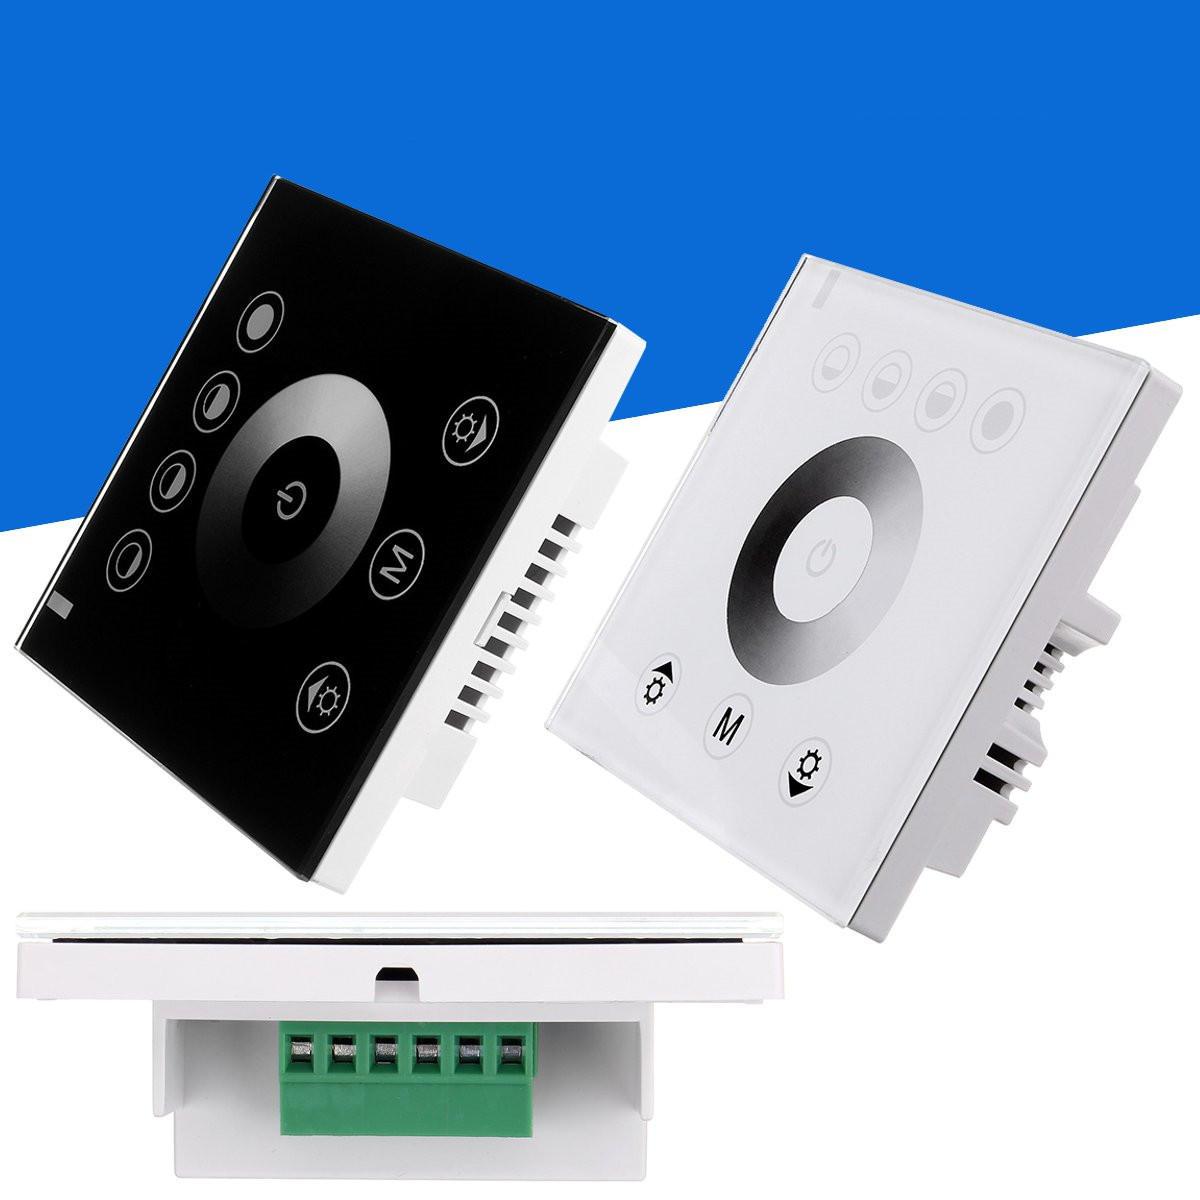 単色LEDストリップDC12V-24V用壁掛けタッチパネルスイッチ調光器